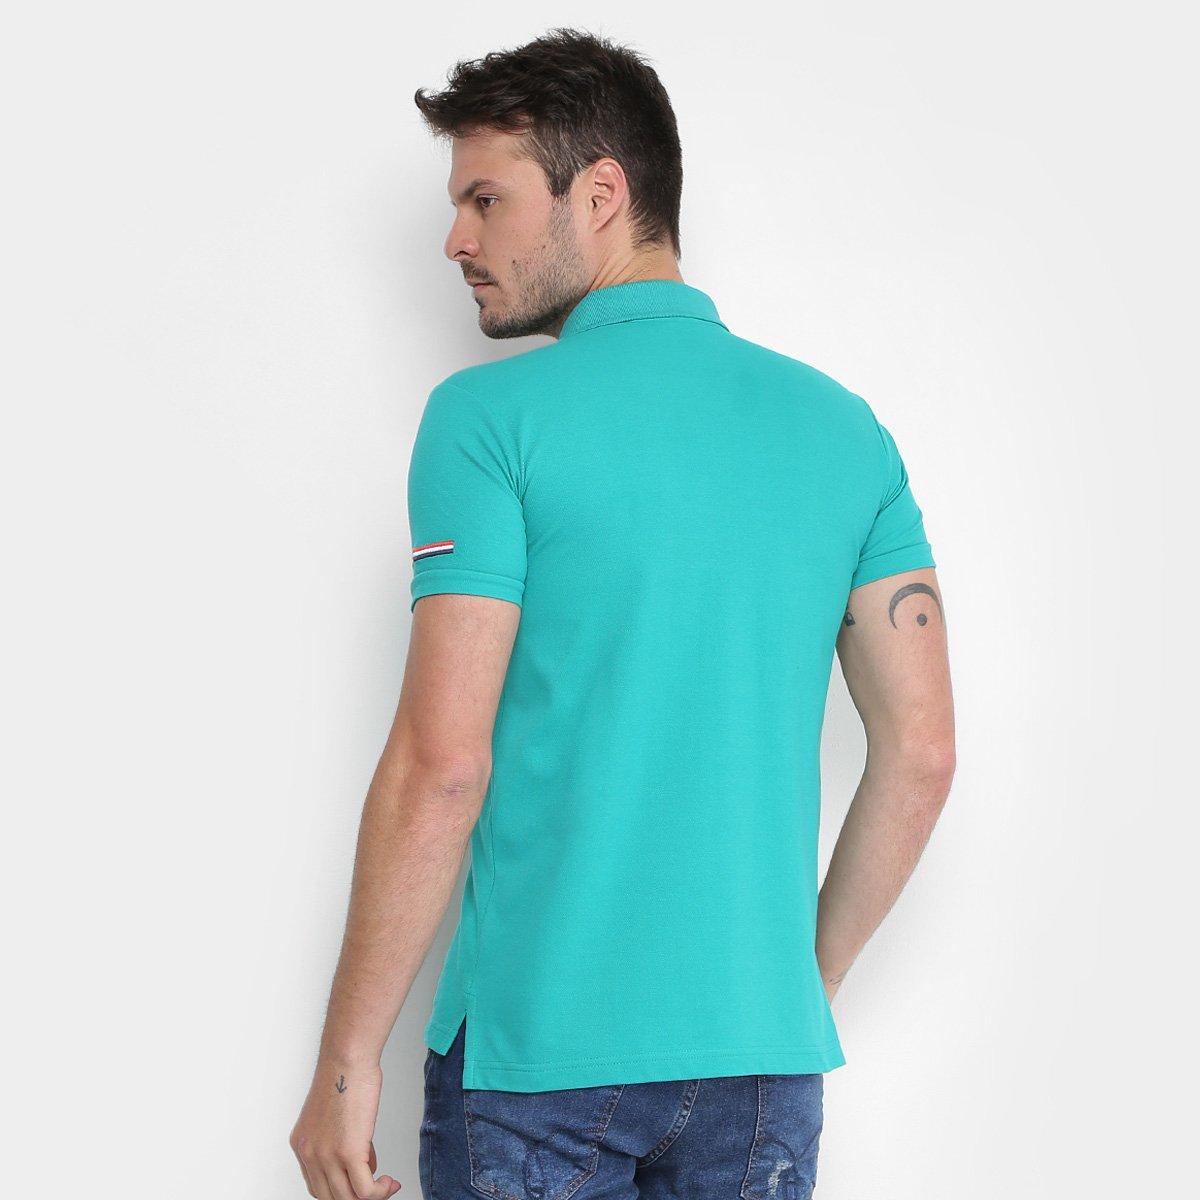 038e9f4267 Camisa Polo Opera Rock Piquet Bordada Masculina - Azul Turquesa ...